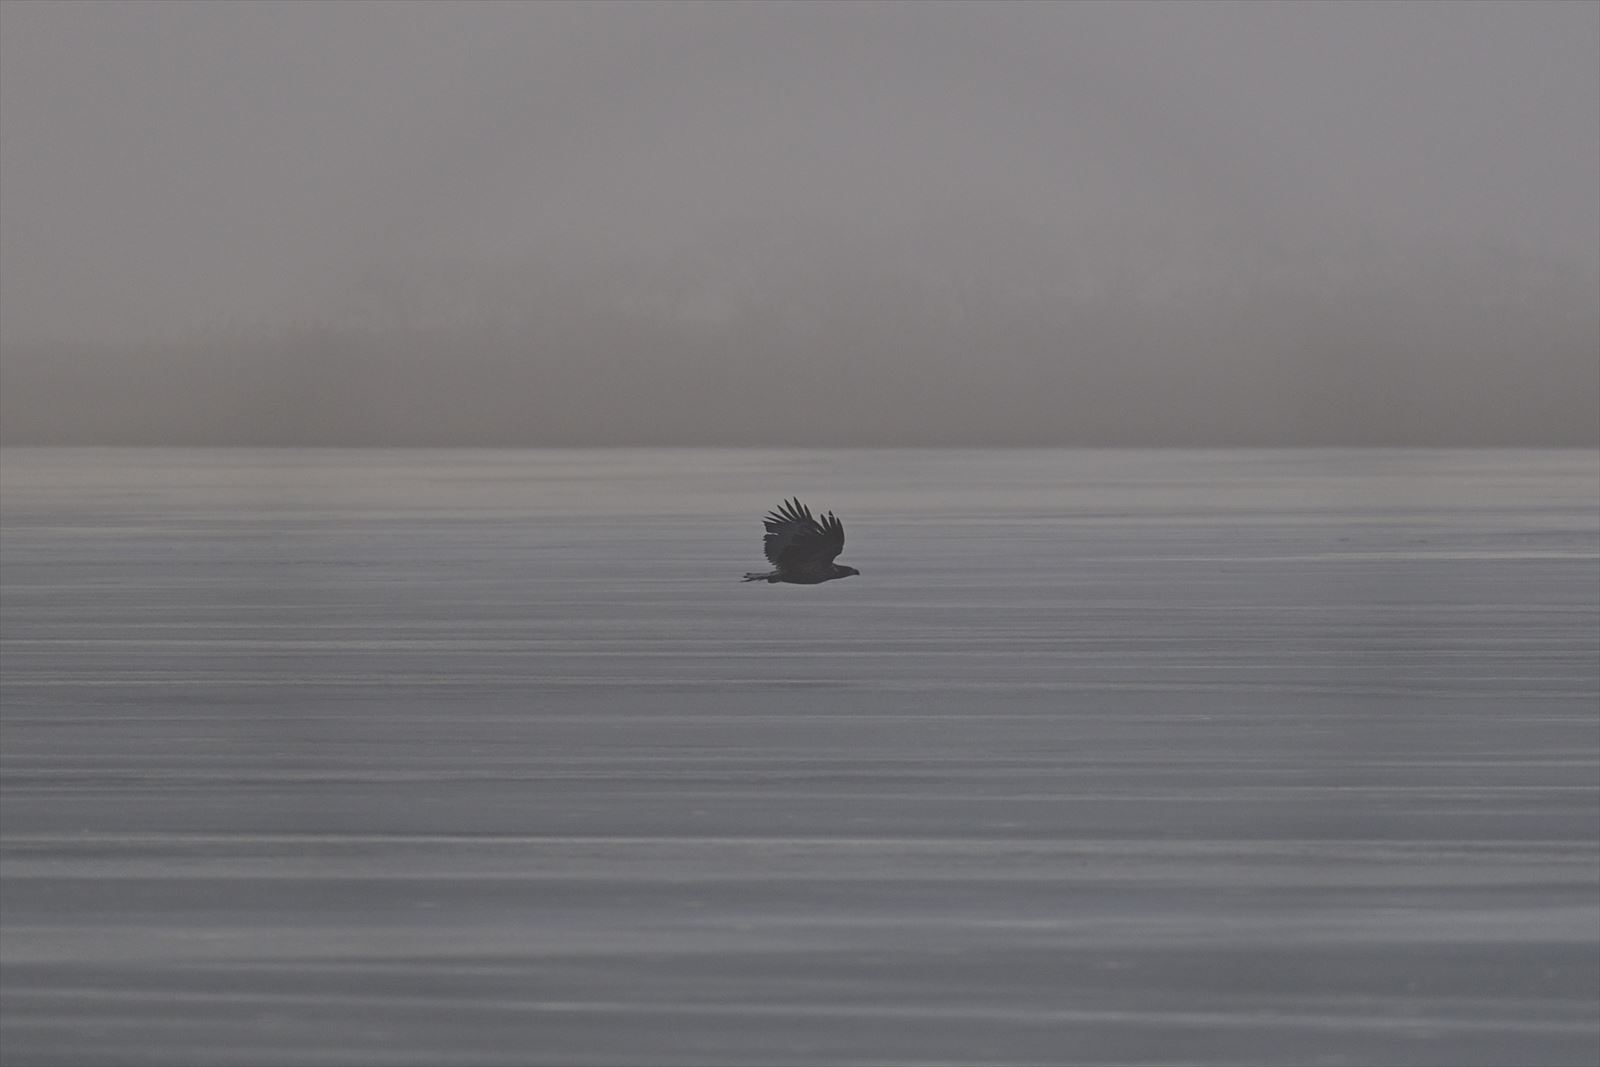 ウトナイ湖のオジロワシ_a0145819_15242626.jpg